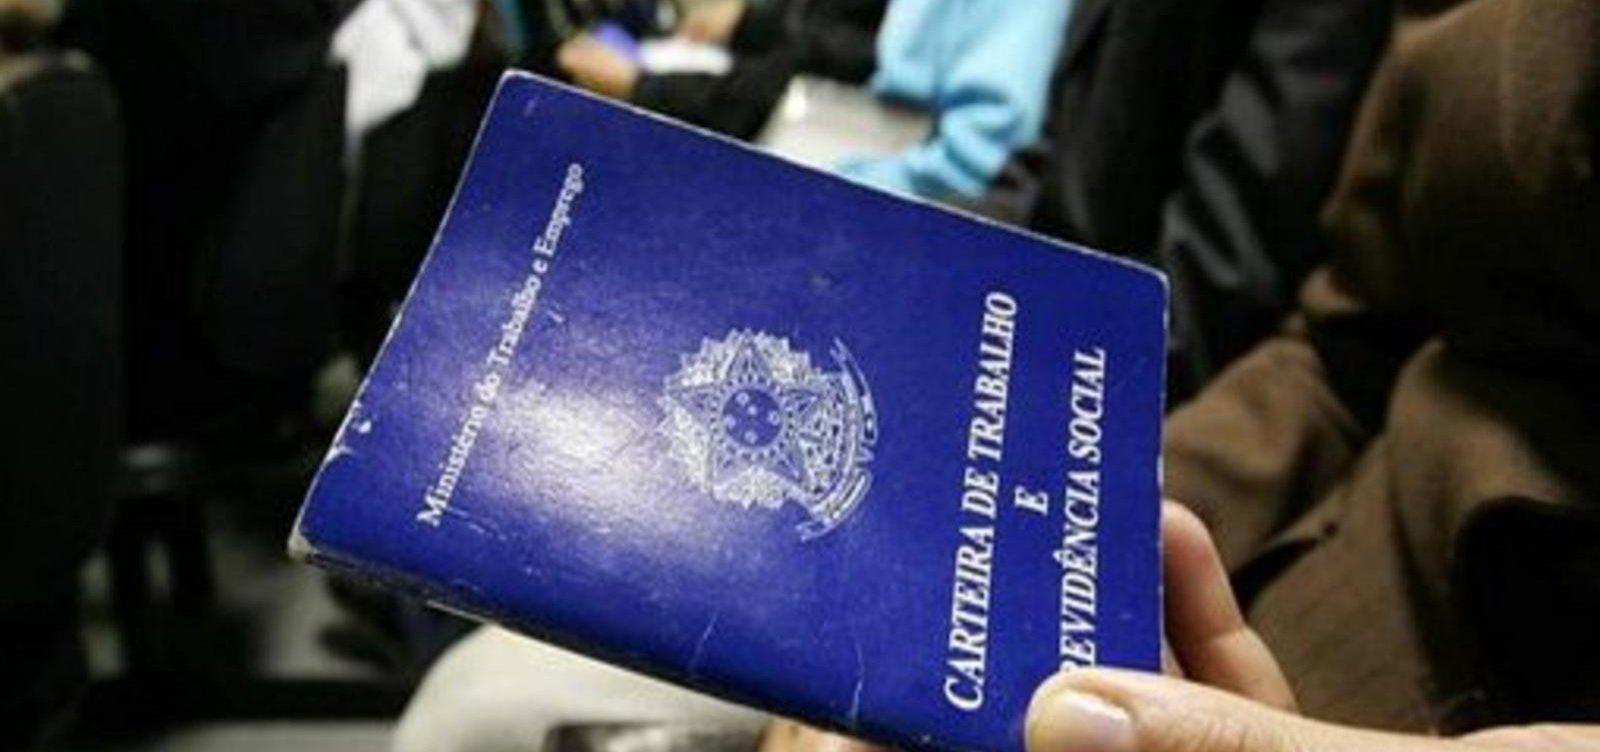 [Desemprego no Brasil recua para 11,9% em setembro]